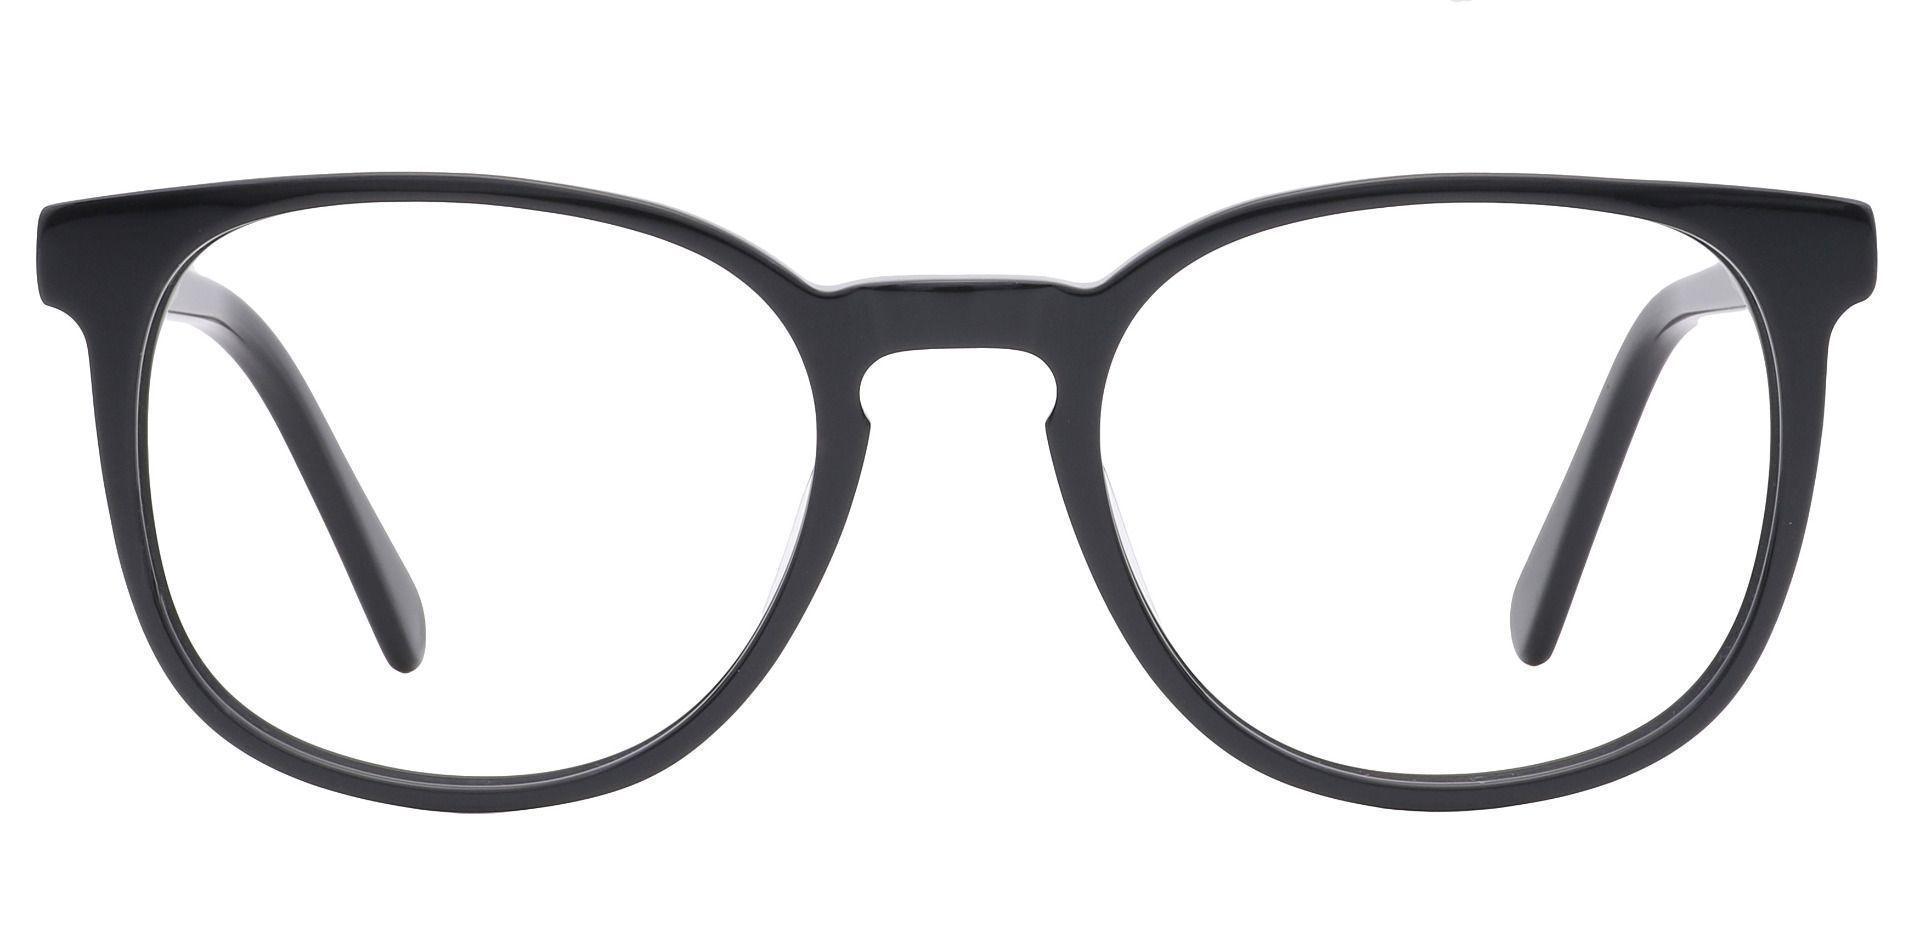 Nebula Round Prescription Glasses - Black